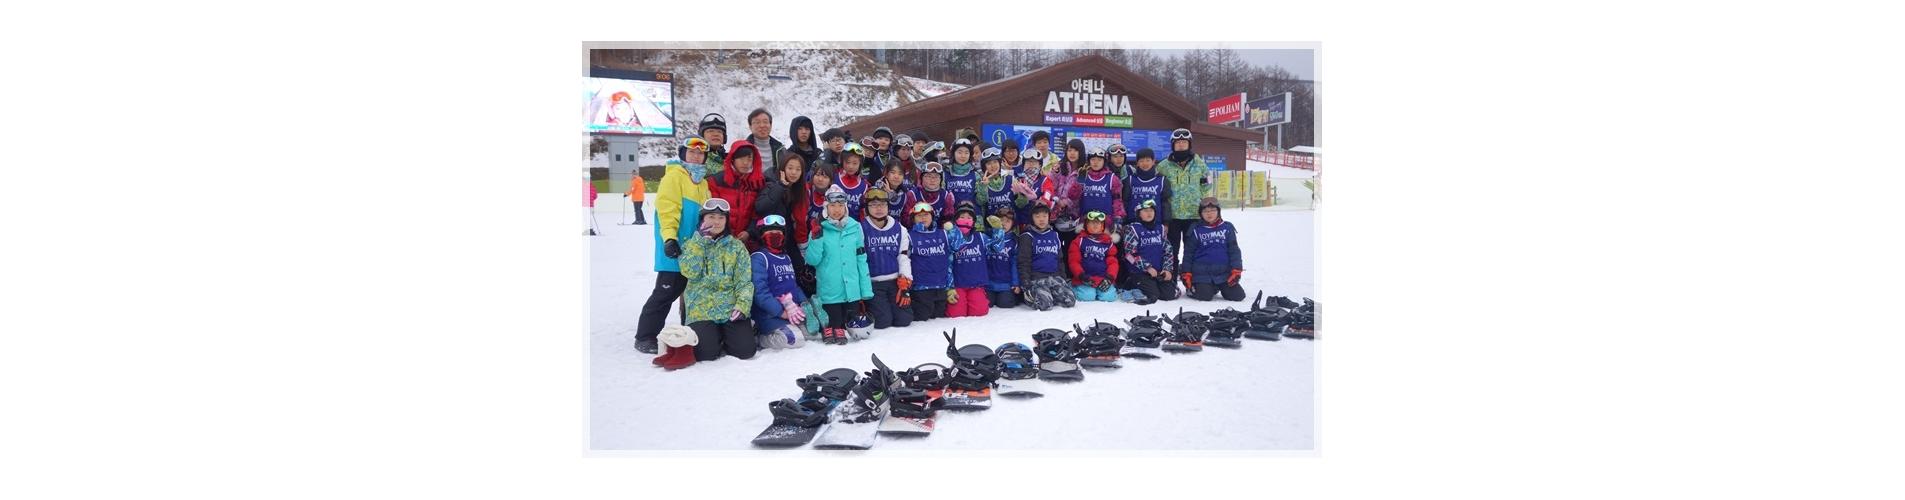 2014-02 스키캠프 -1